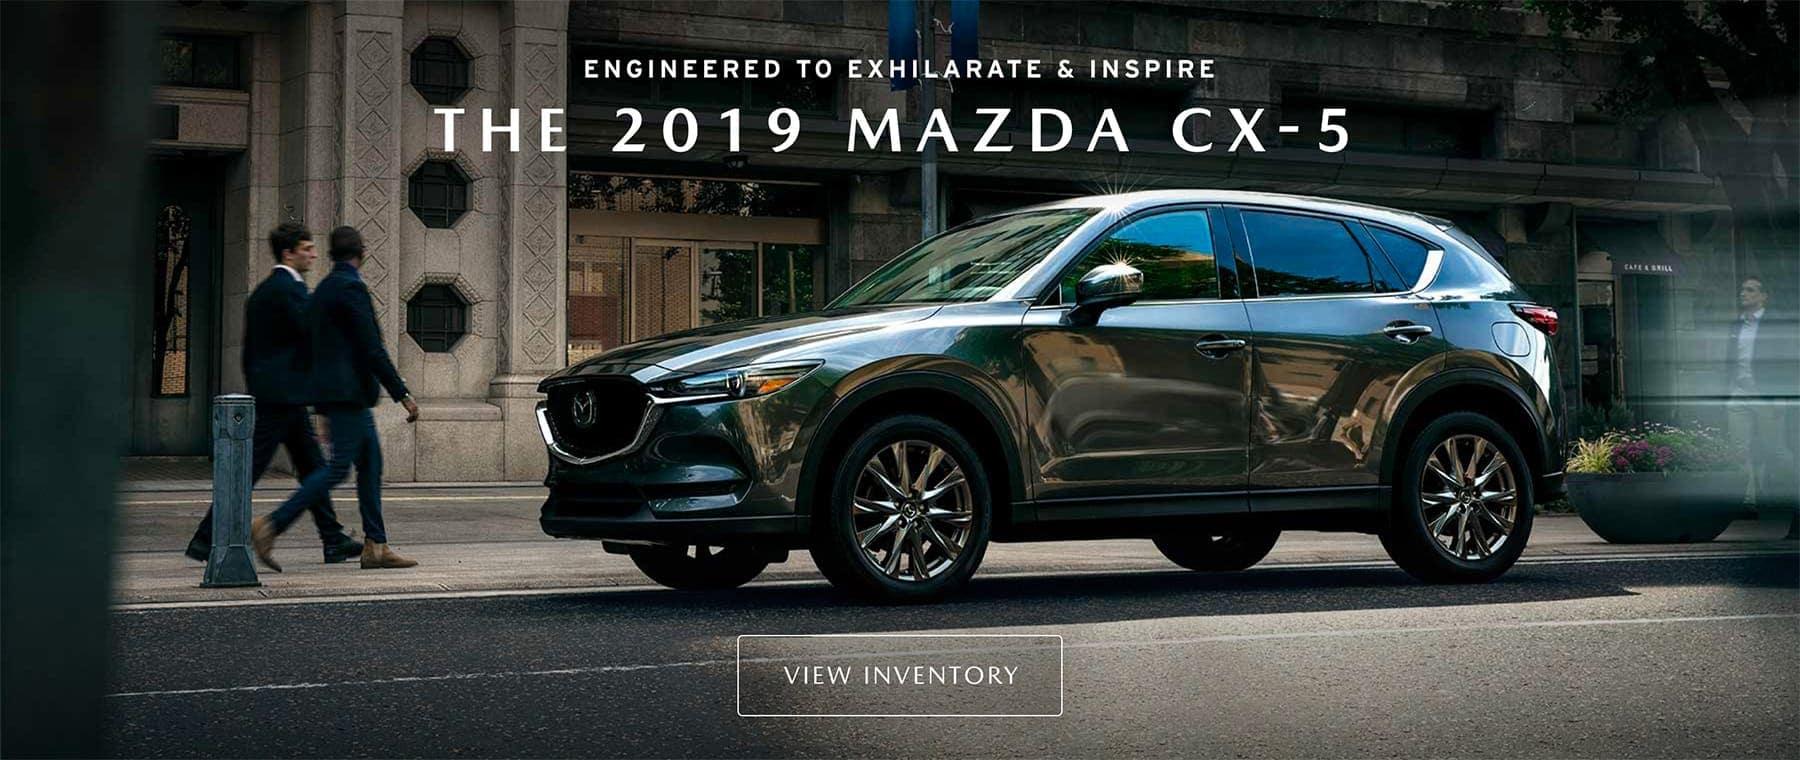 Mazda Near Me >> John Hine Mazda Mazda Dealer In San Diego Ca